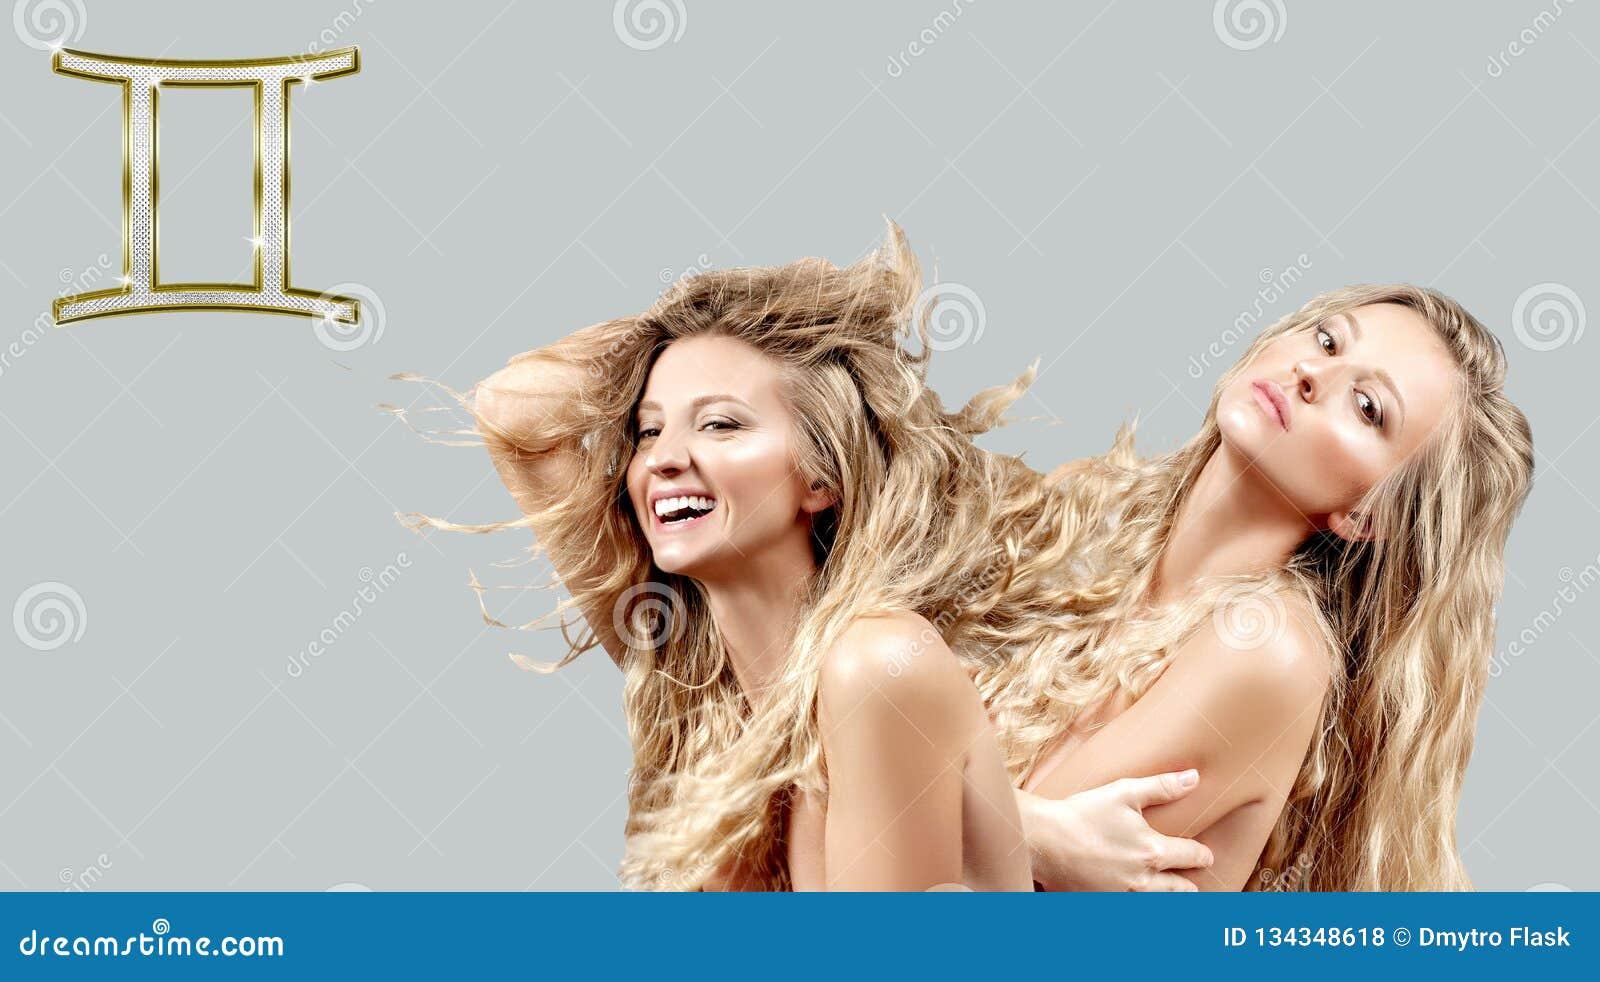 Astrología y horóscopo Gemini Zodiac Sign, dos mujeres hermosas con el pelo largo rizado